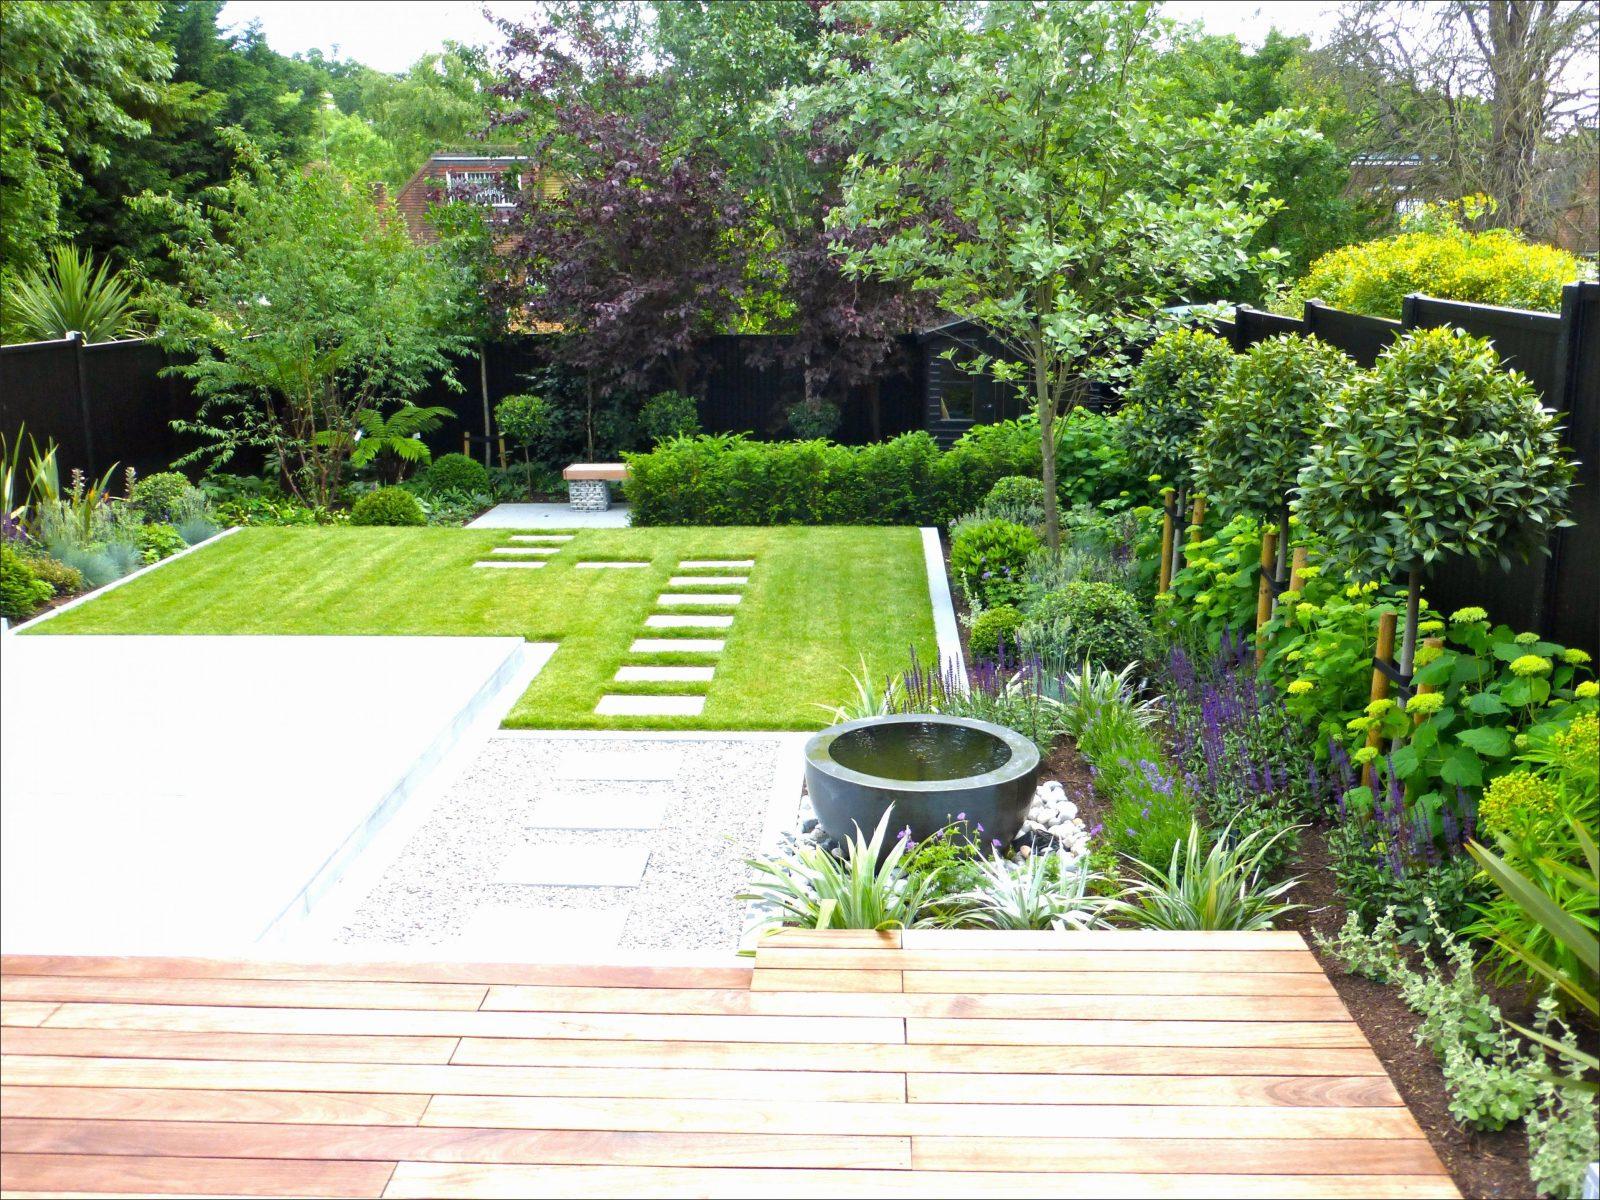 Ecke Im Garten Gestalten Inspirierend Inspirierend Vorgarten Mit von Ecke Im Garten Gestalten Bild